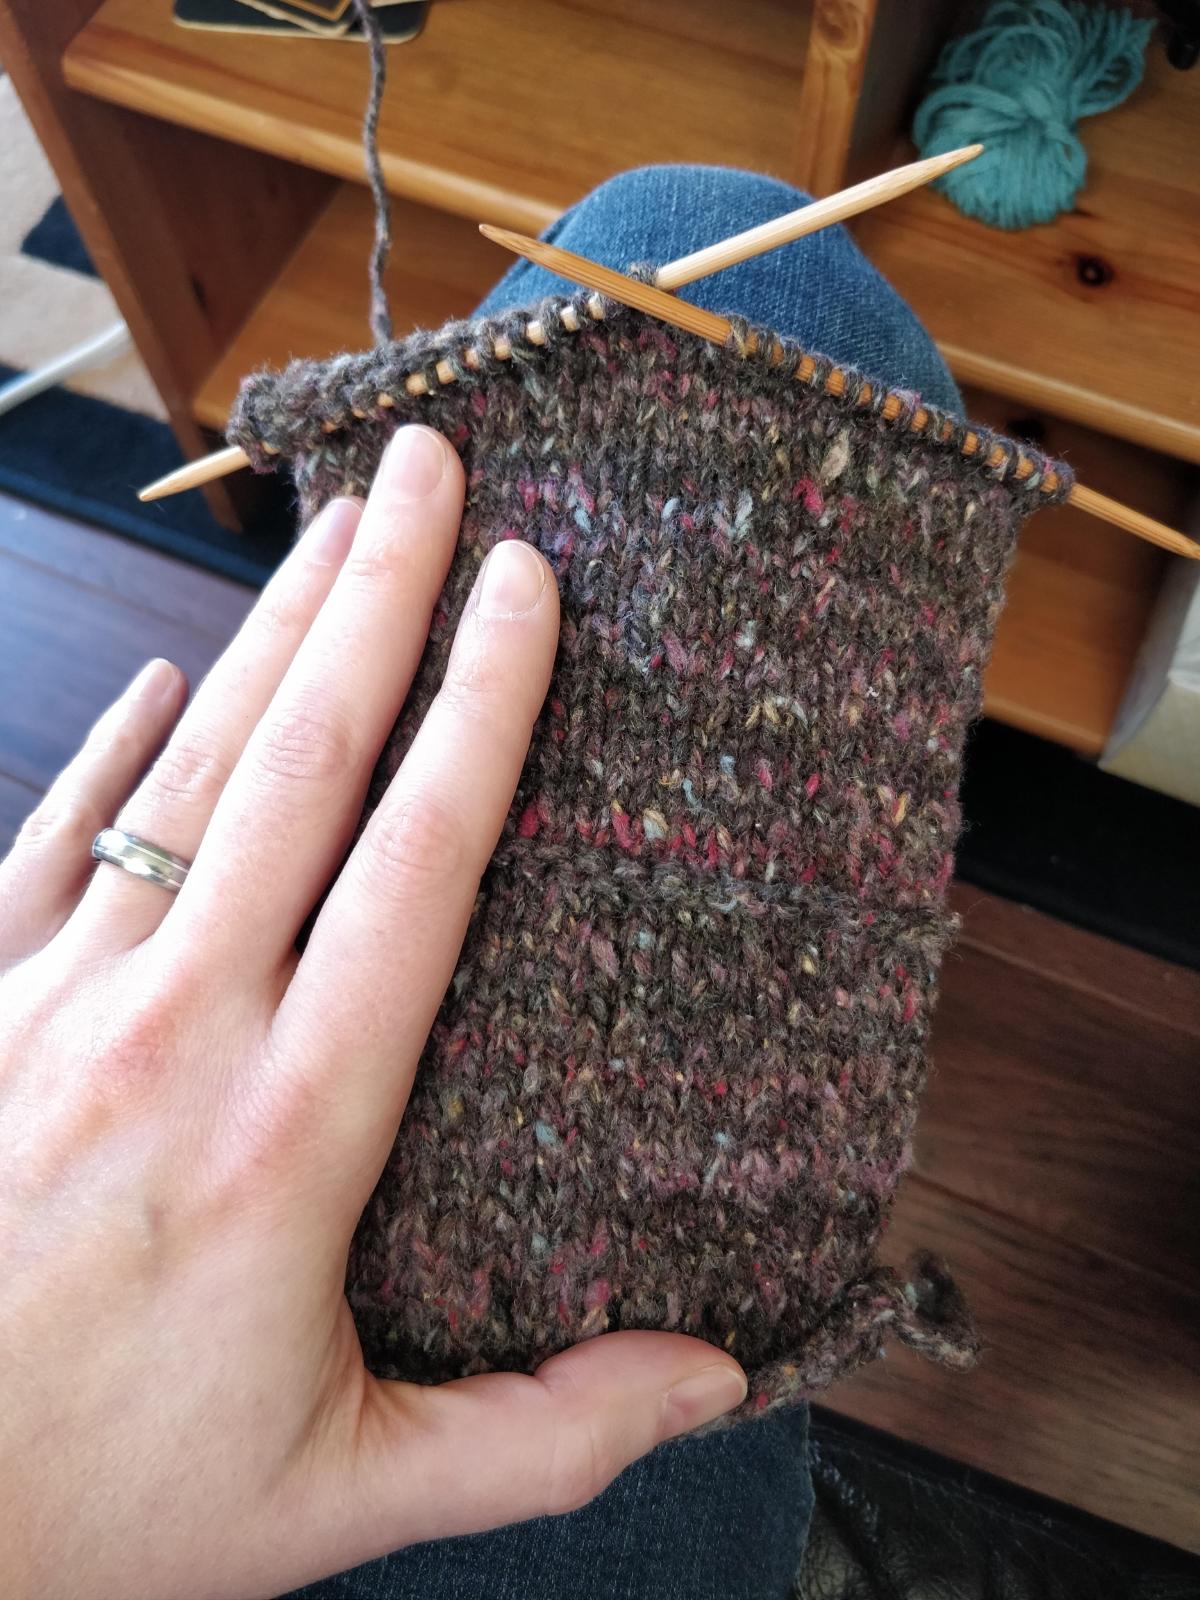 A swatch of tweedy gray yarn